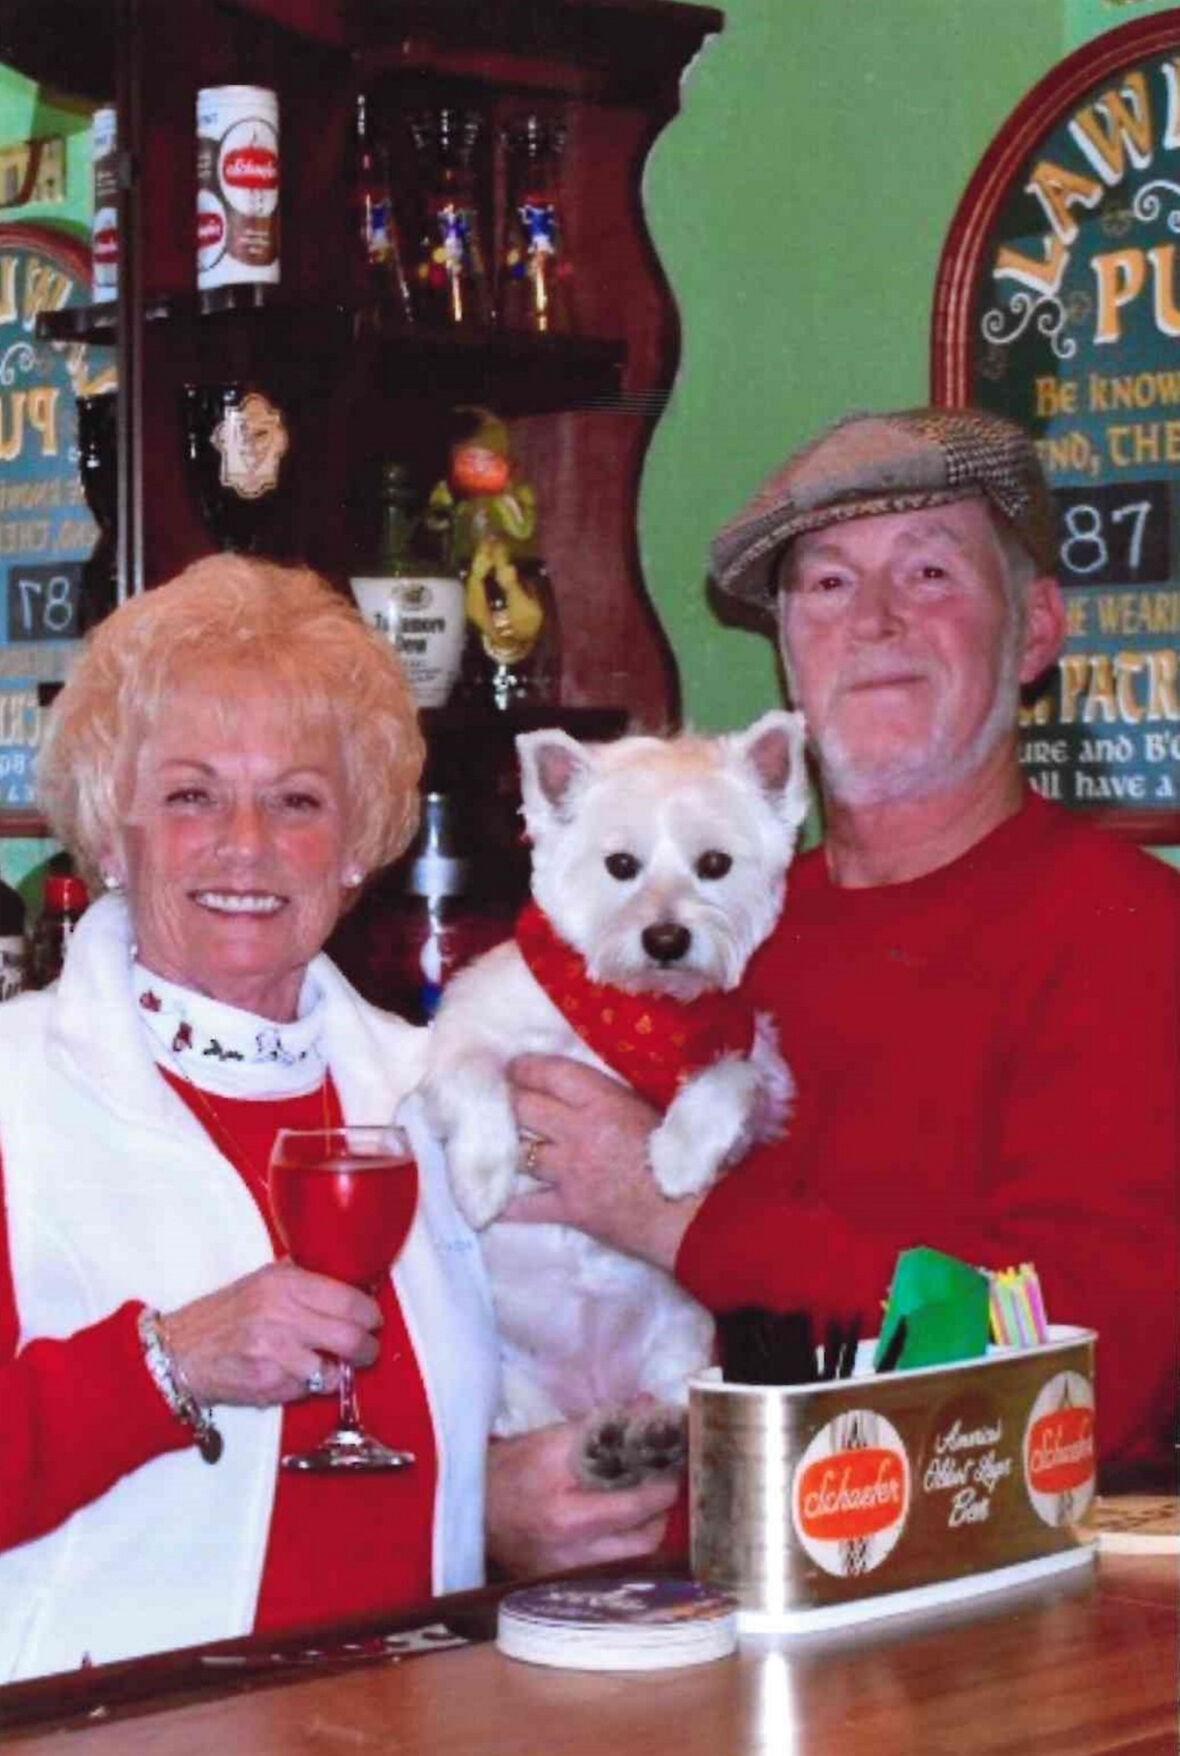 Bernard S. and Cathy N. Lawlee, 50 years